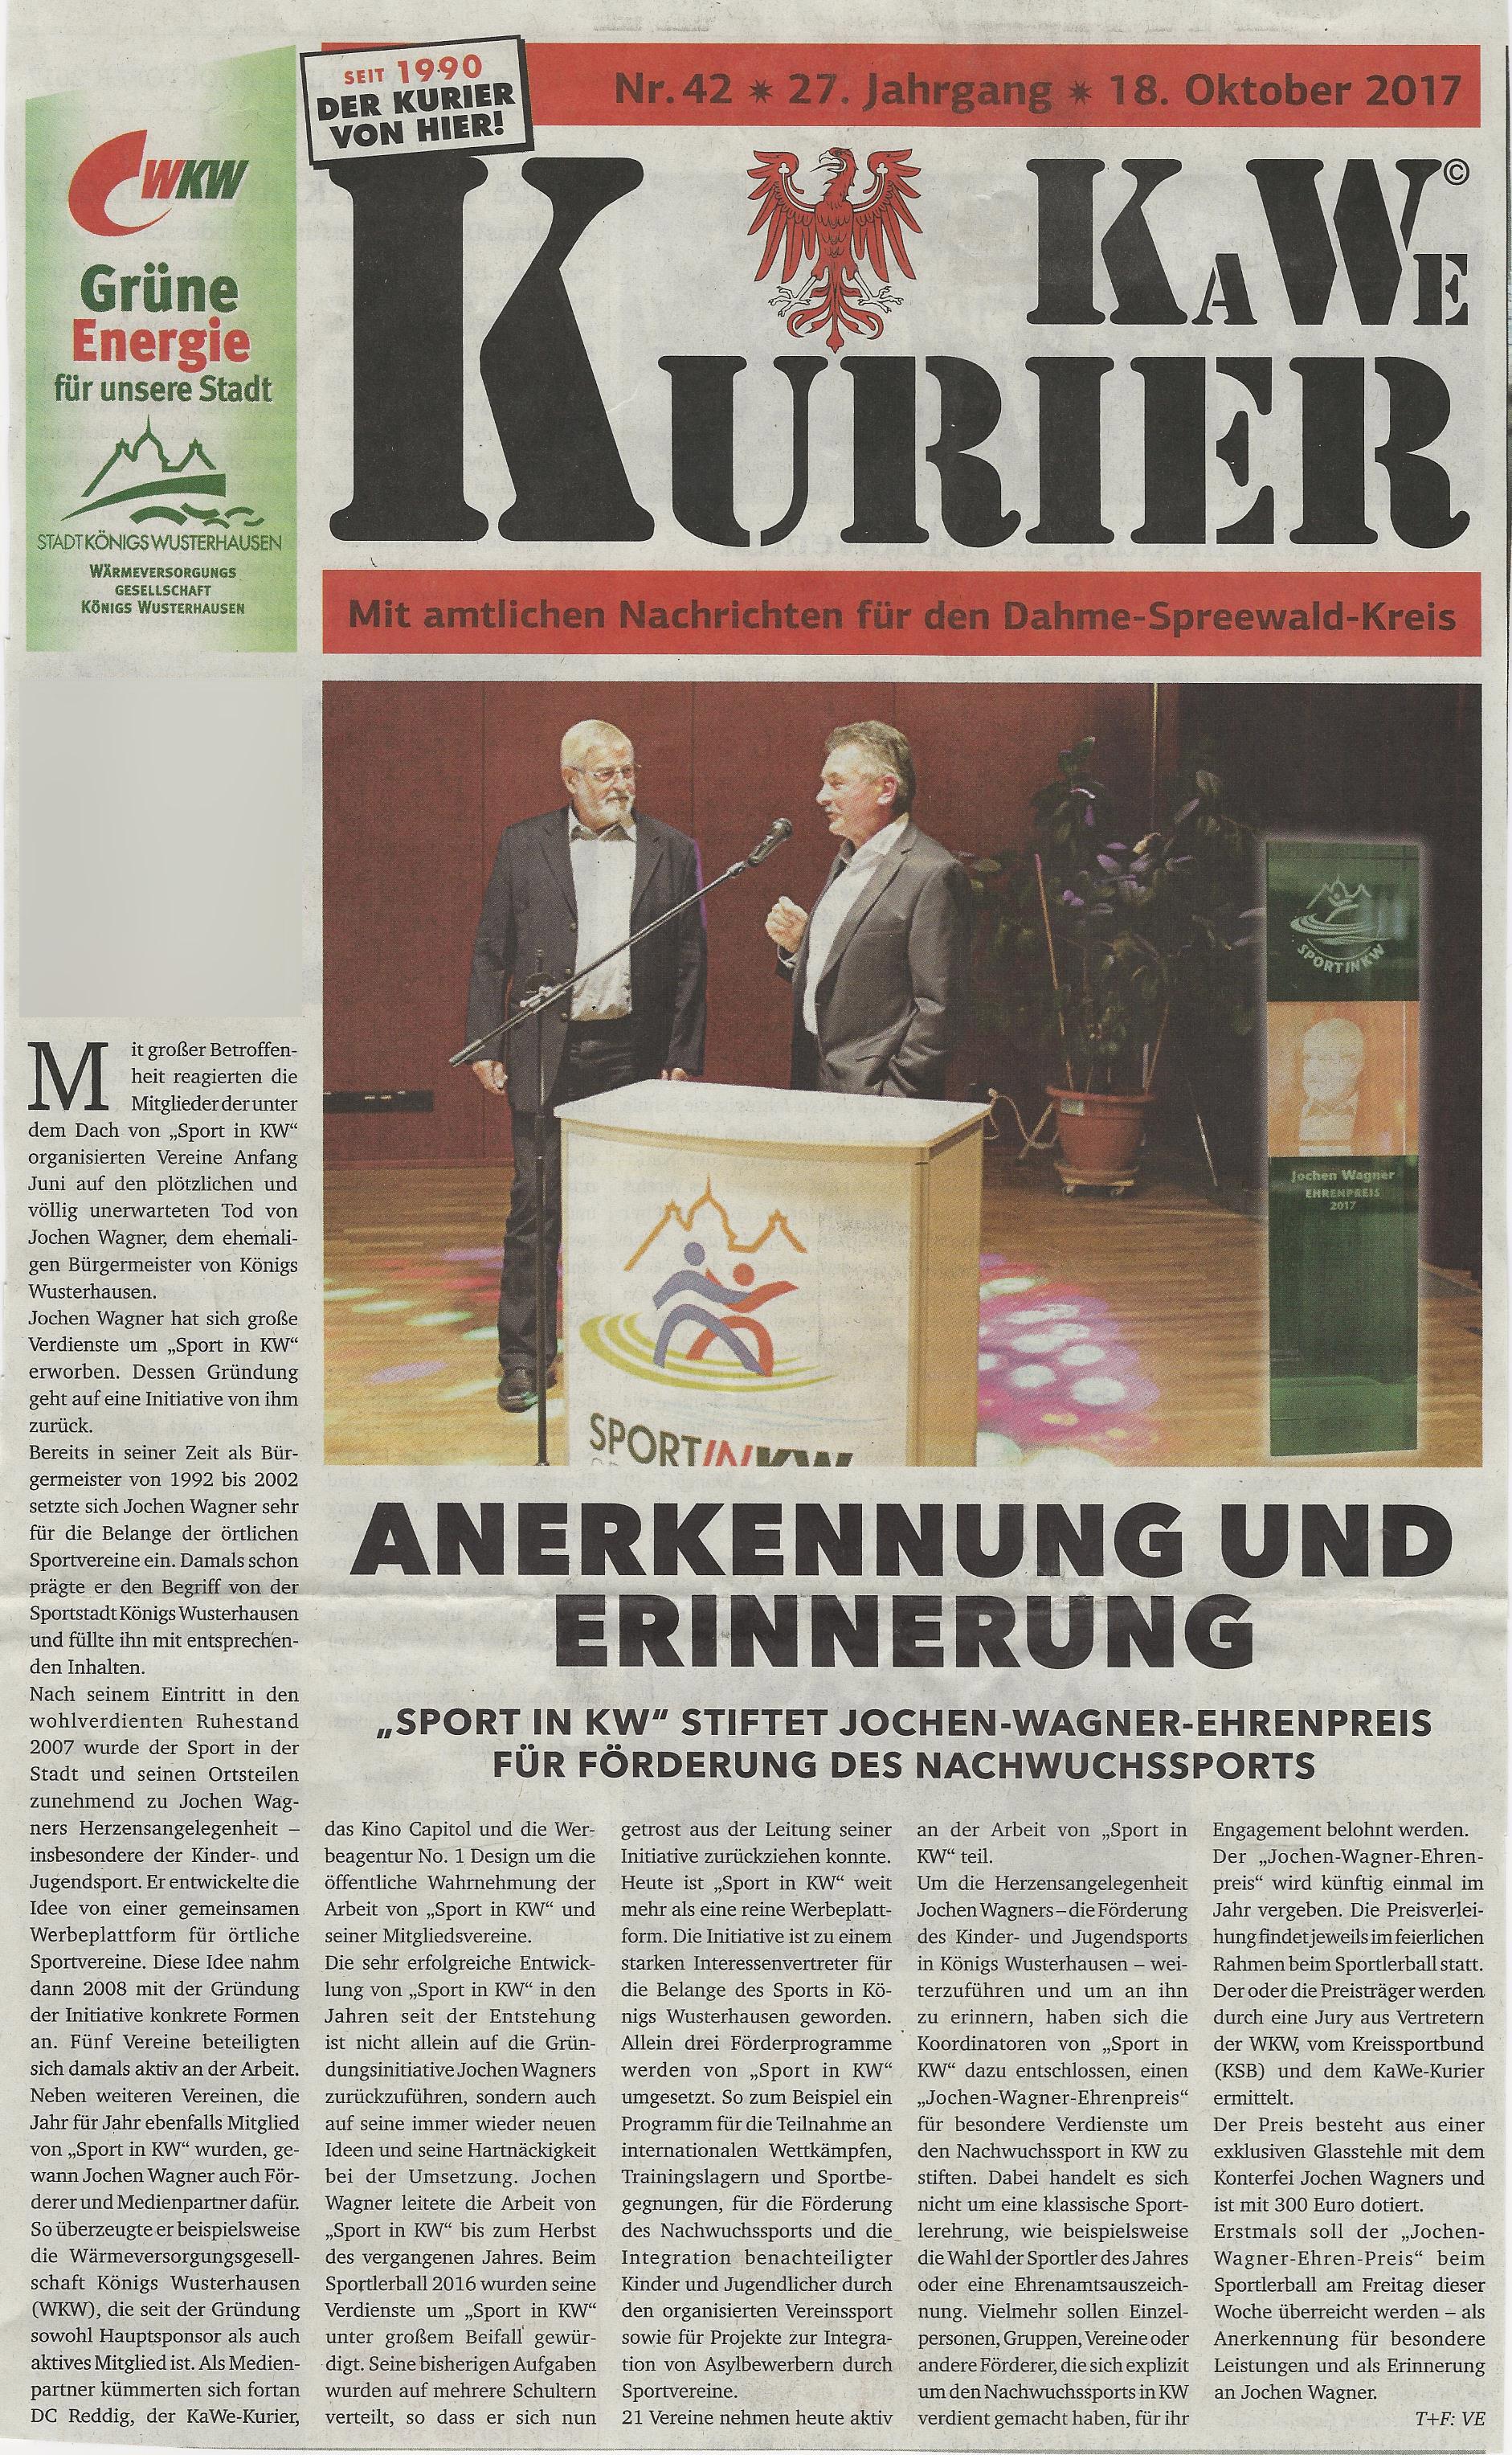 Jochen Wagner Ehrenpreis wird verliehen